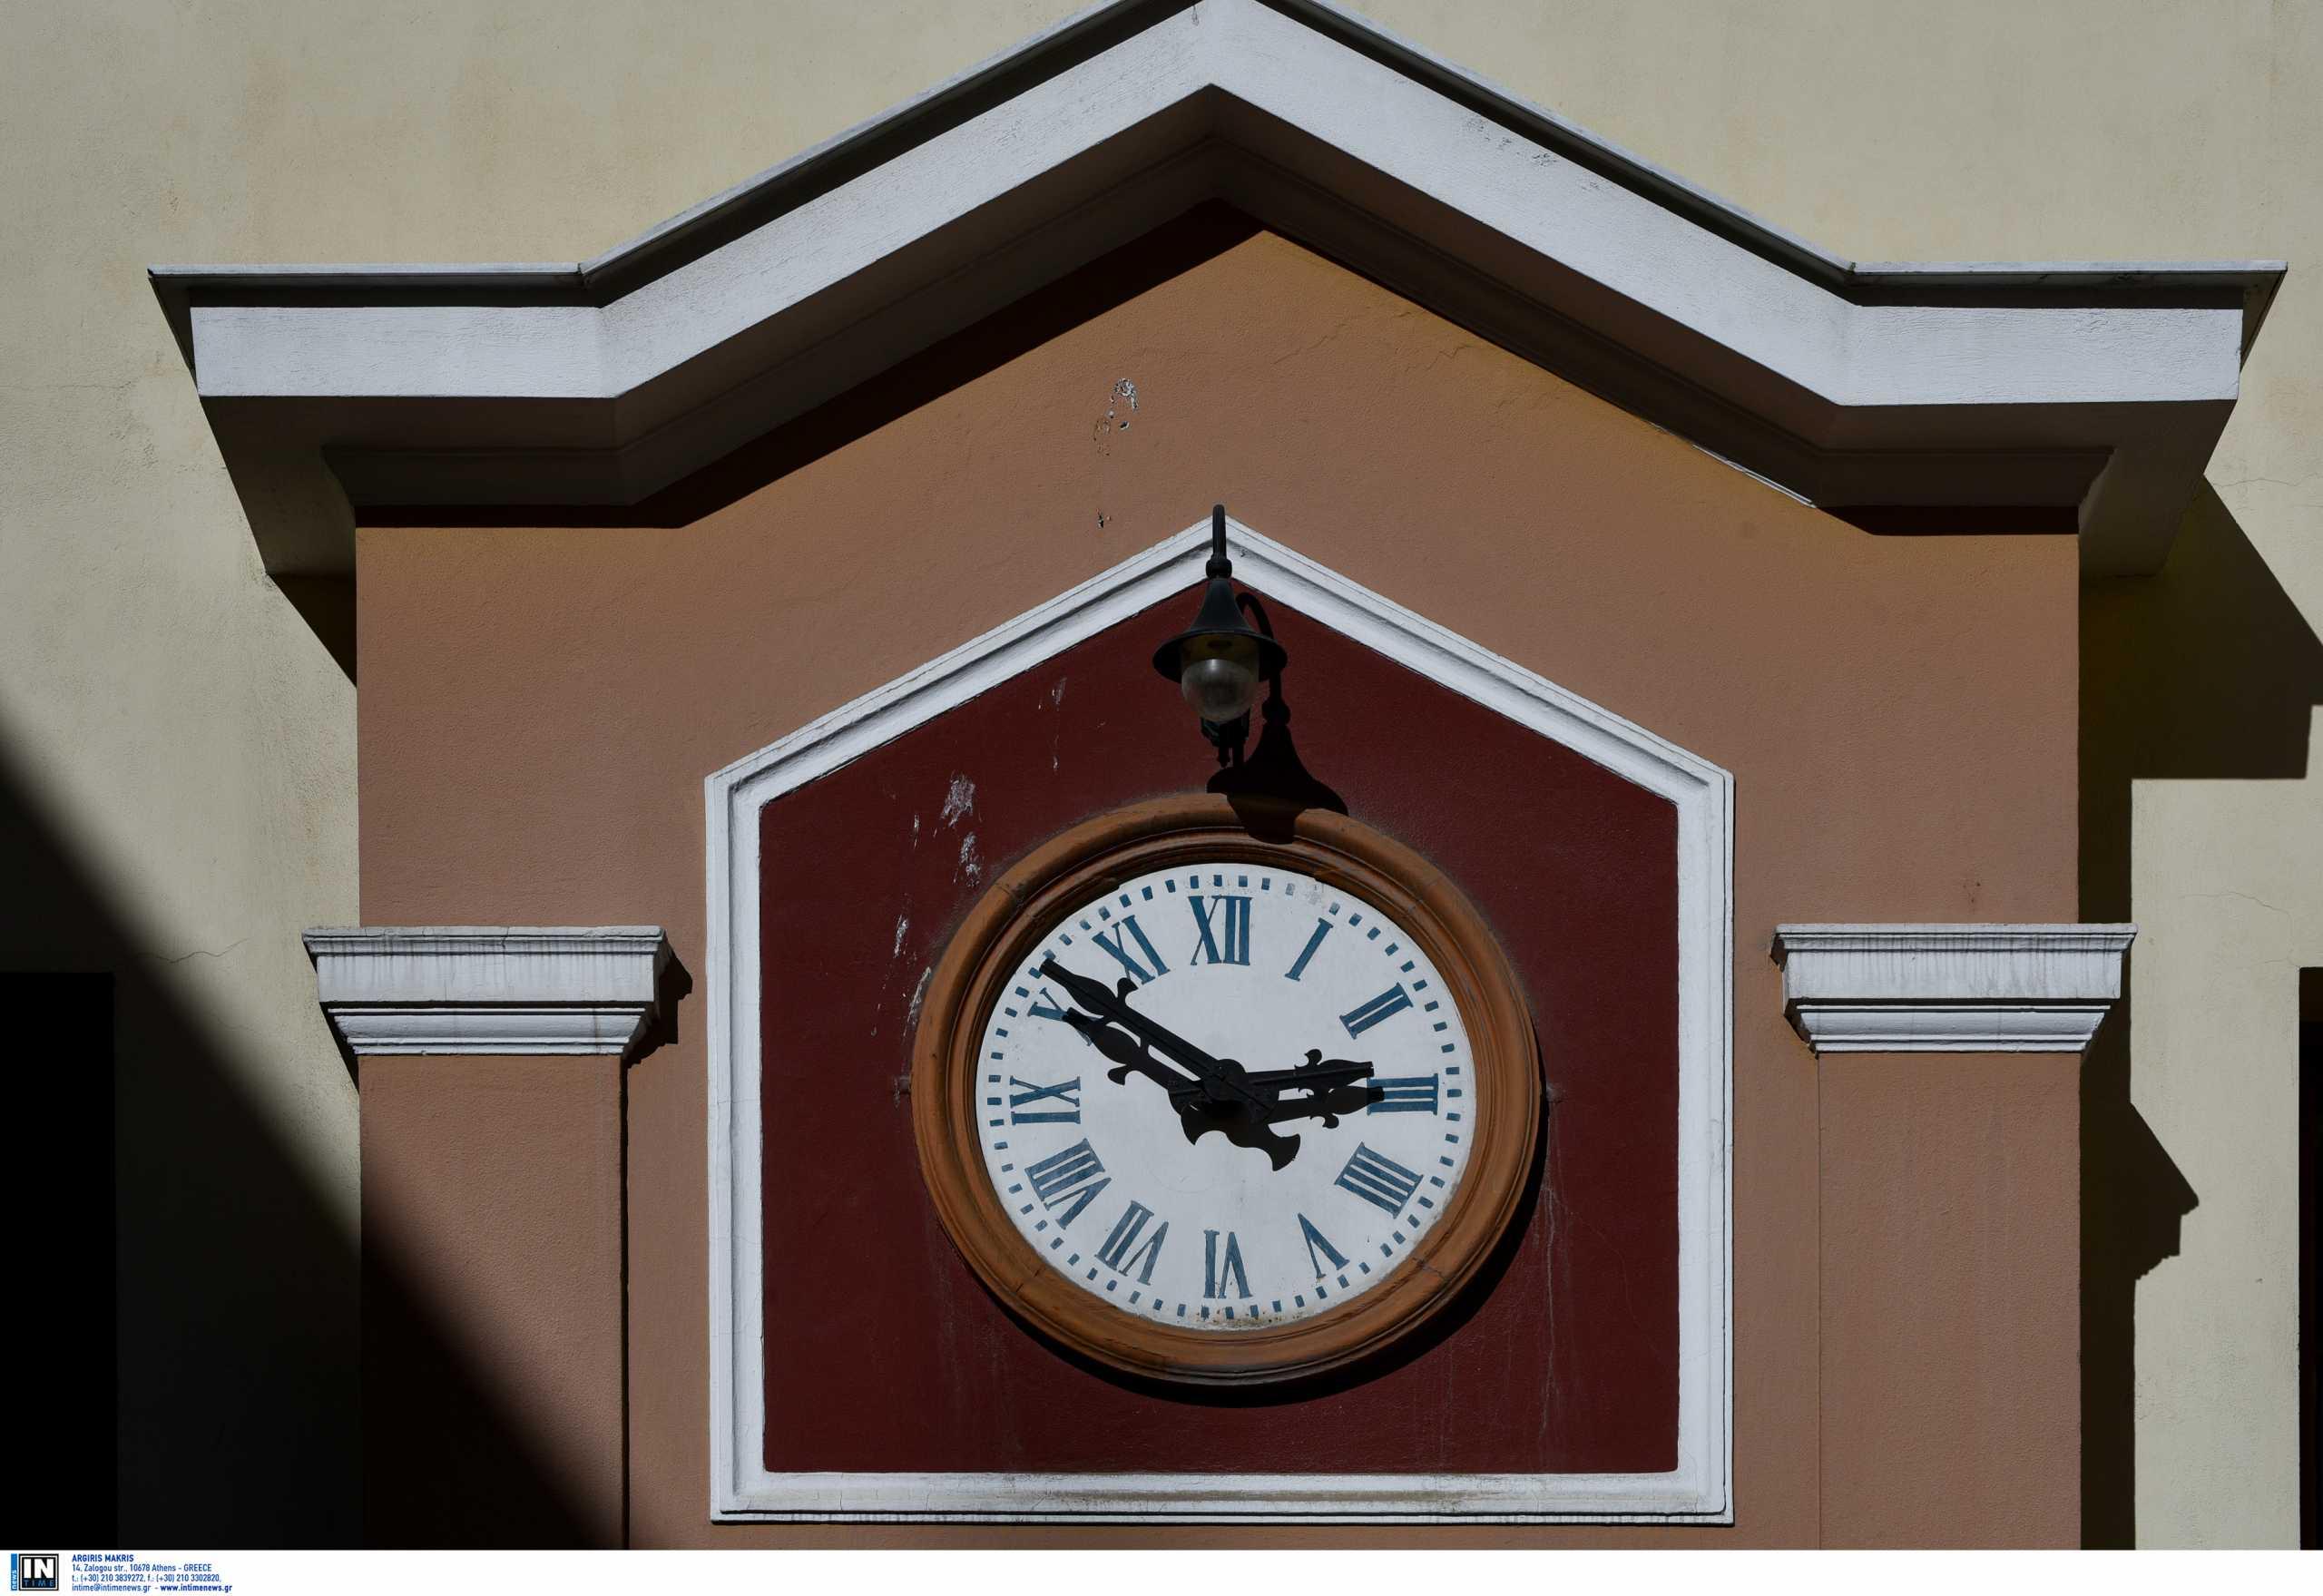 Αλλαγή ώρας 2021: Πότε γυρίζουμε τους δείκτες των ρολογιών μια ώρα μπροστά